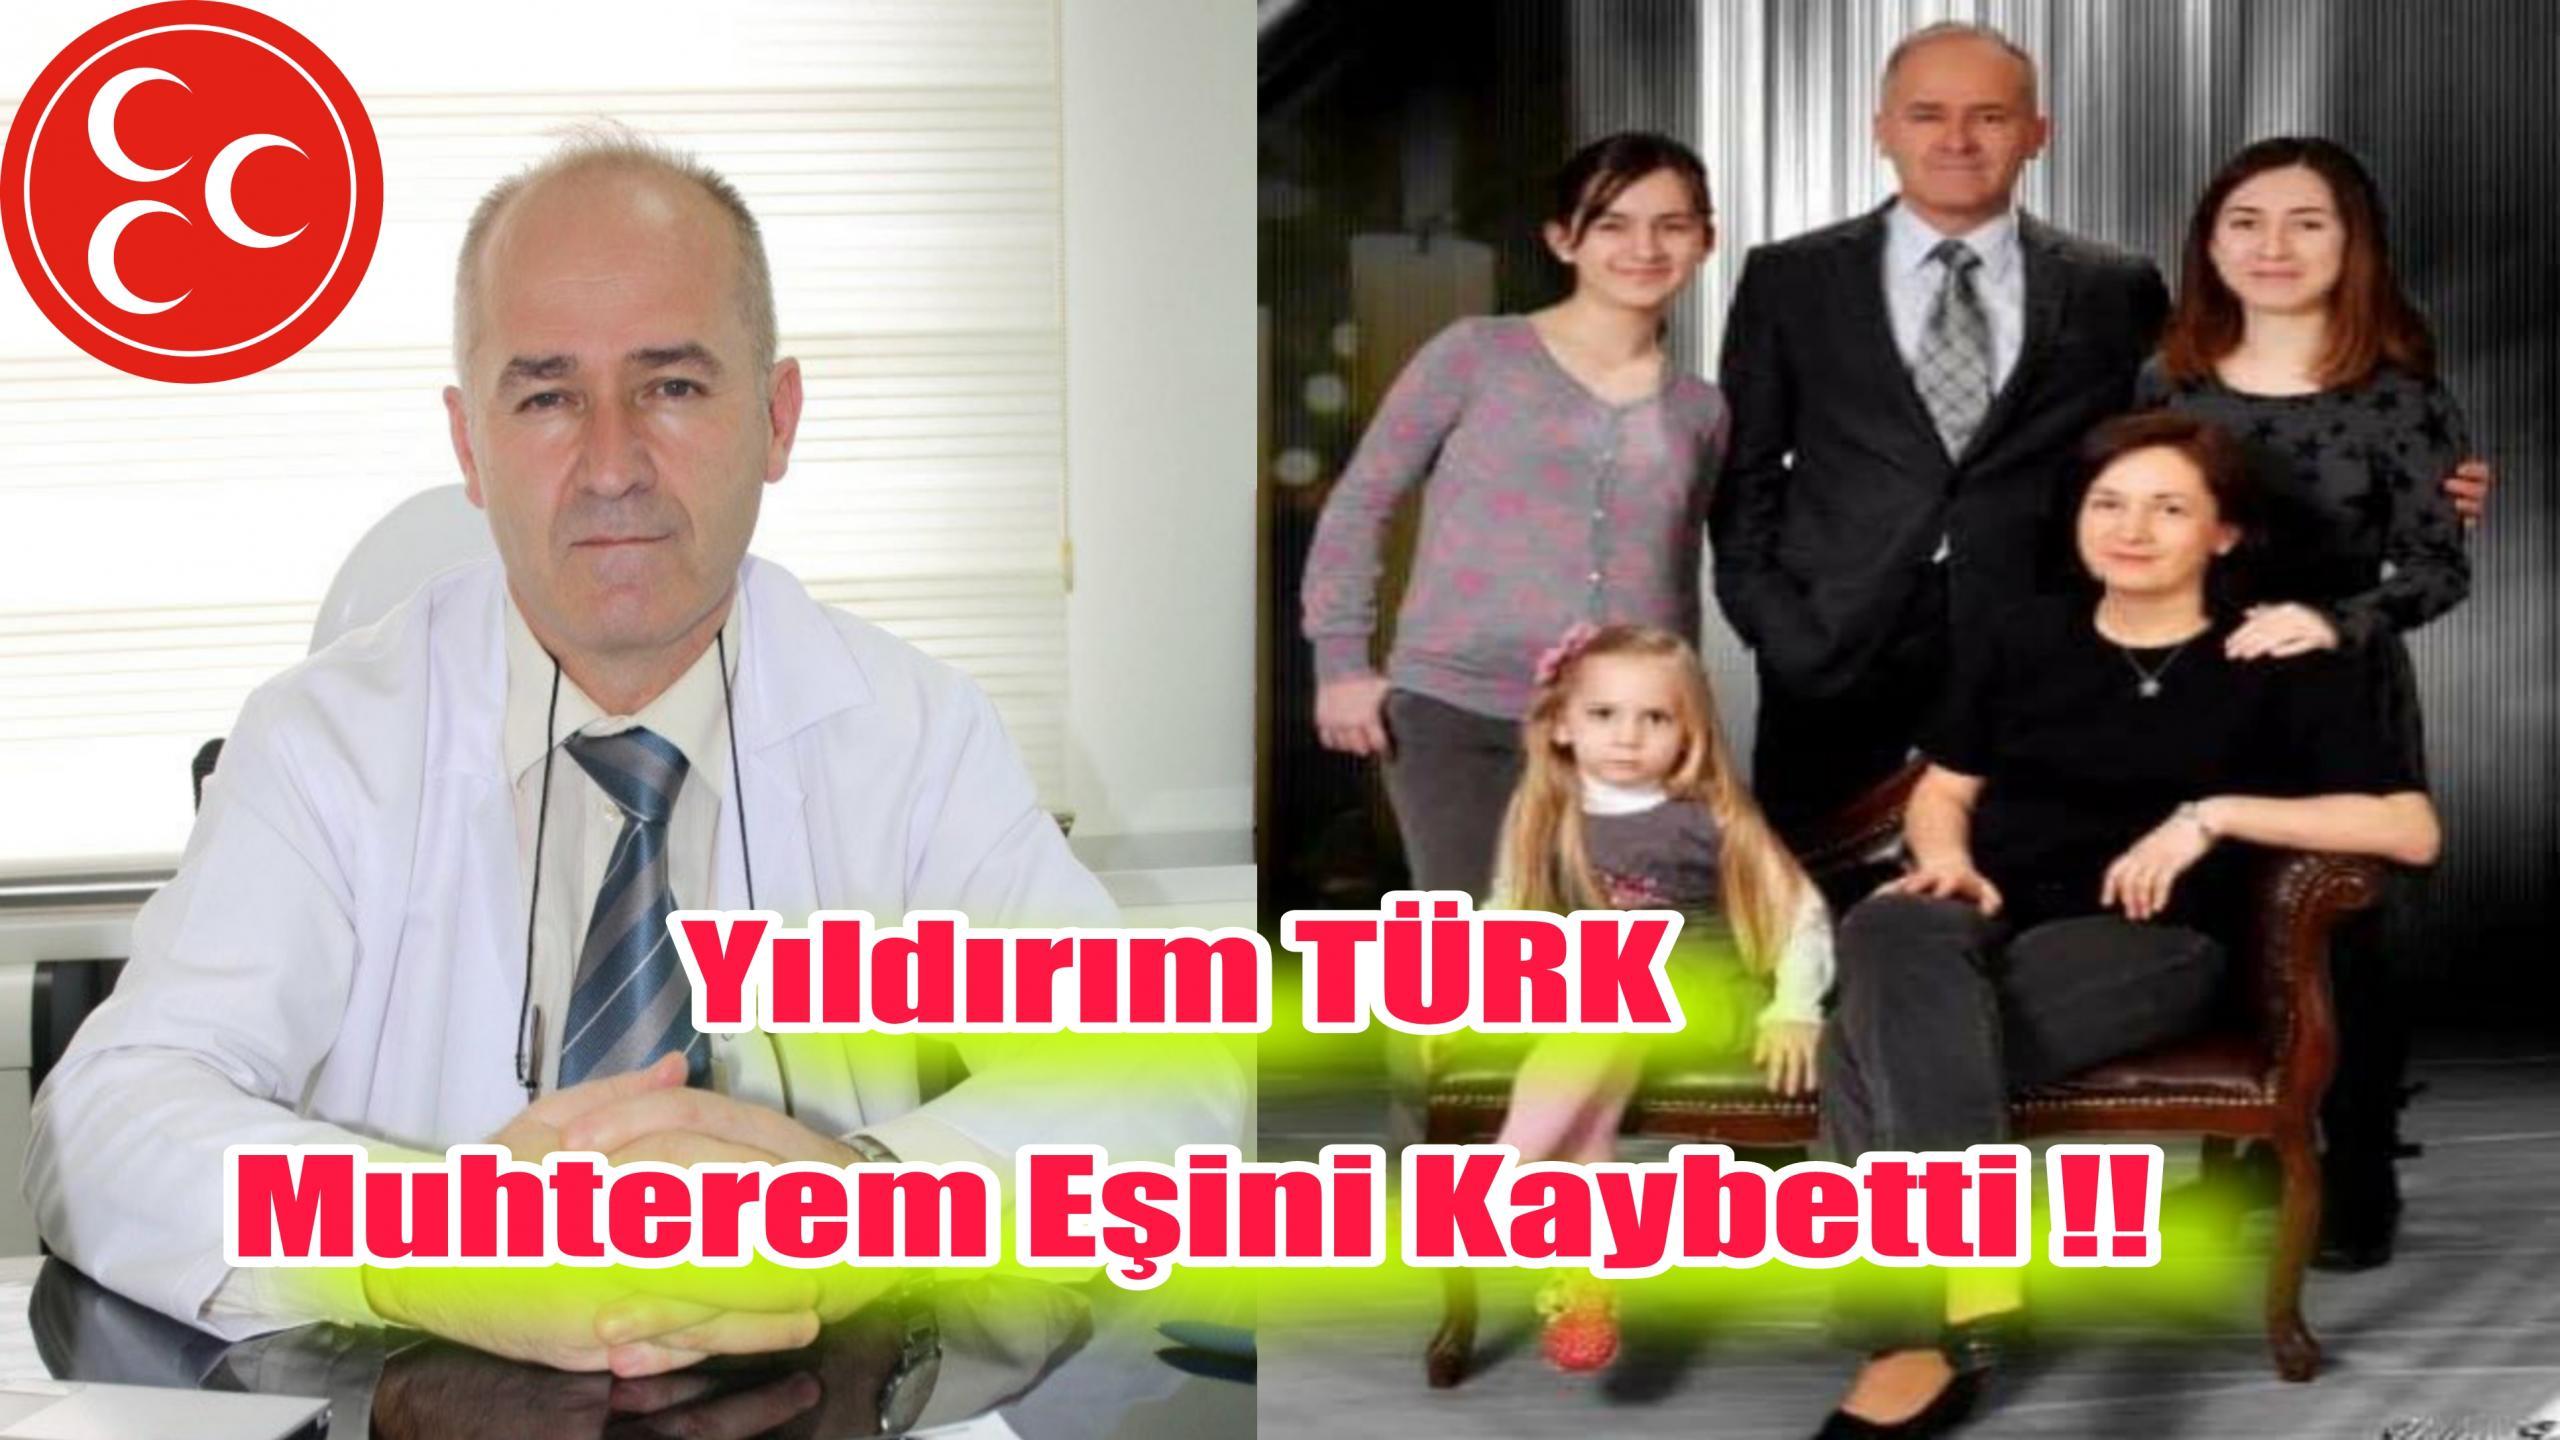 Prof.Dr. Yıldırım TÜRK' ün ACI GÜNÜ !!